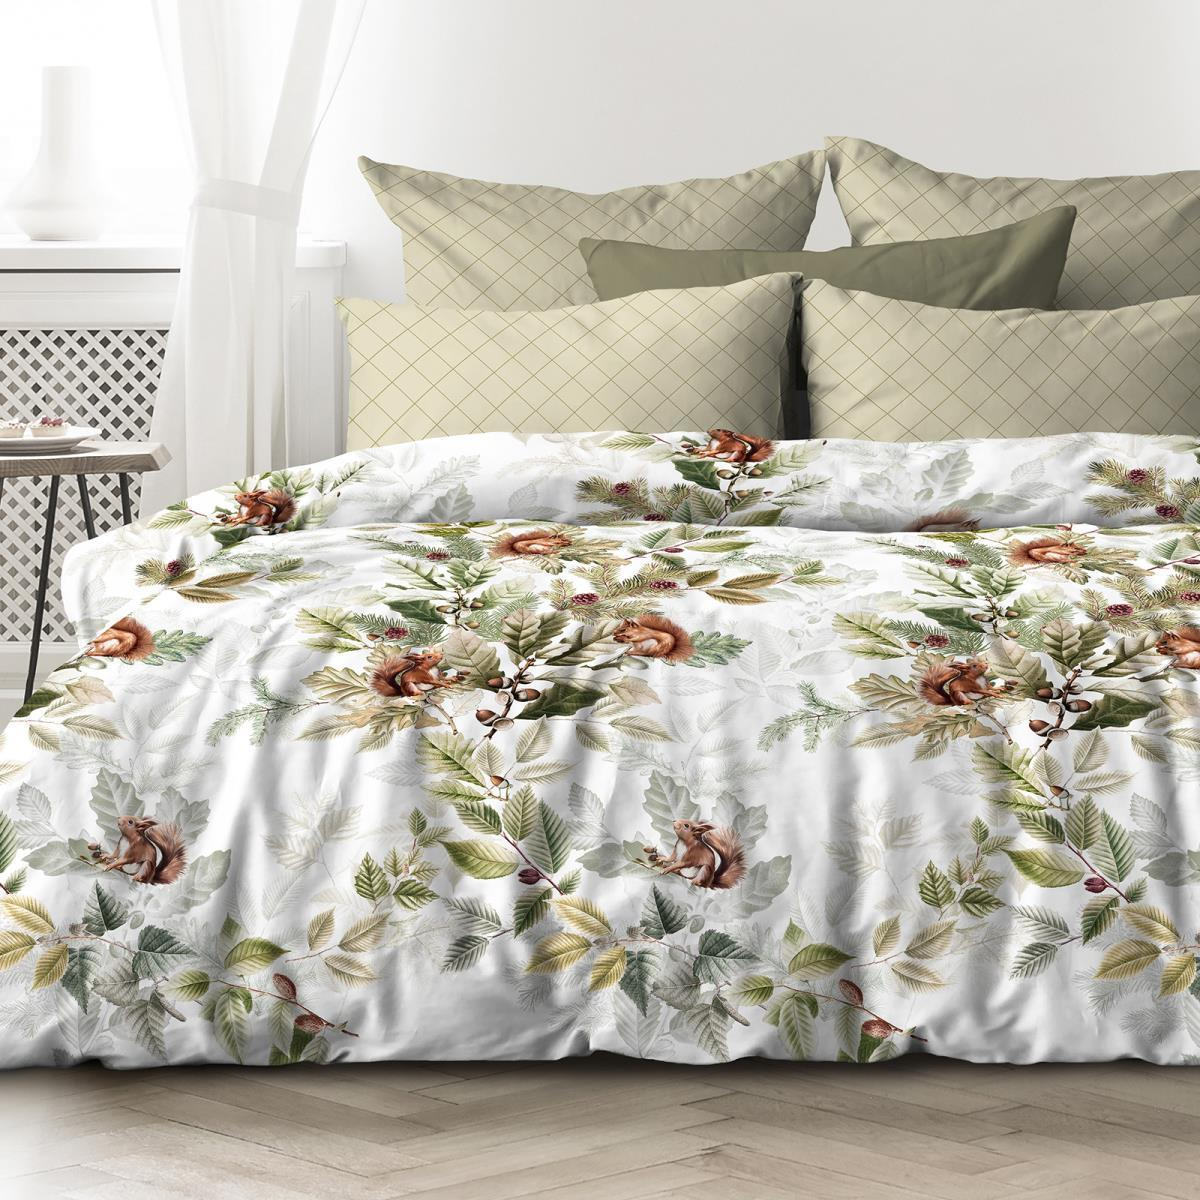 Любимый дом Комплект постельного белья   Белочки, 2 спальный евро